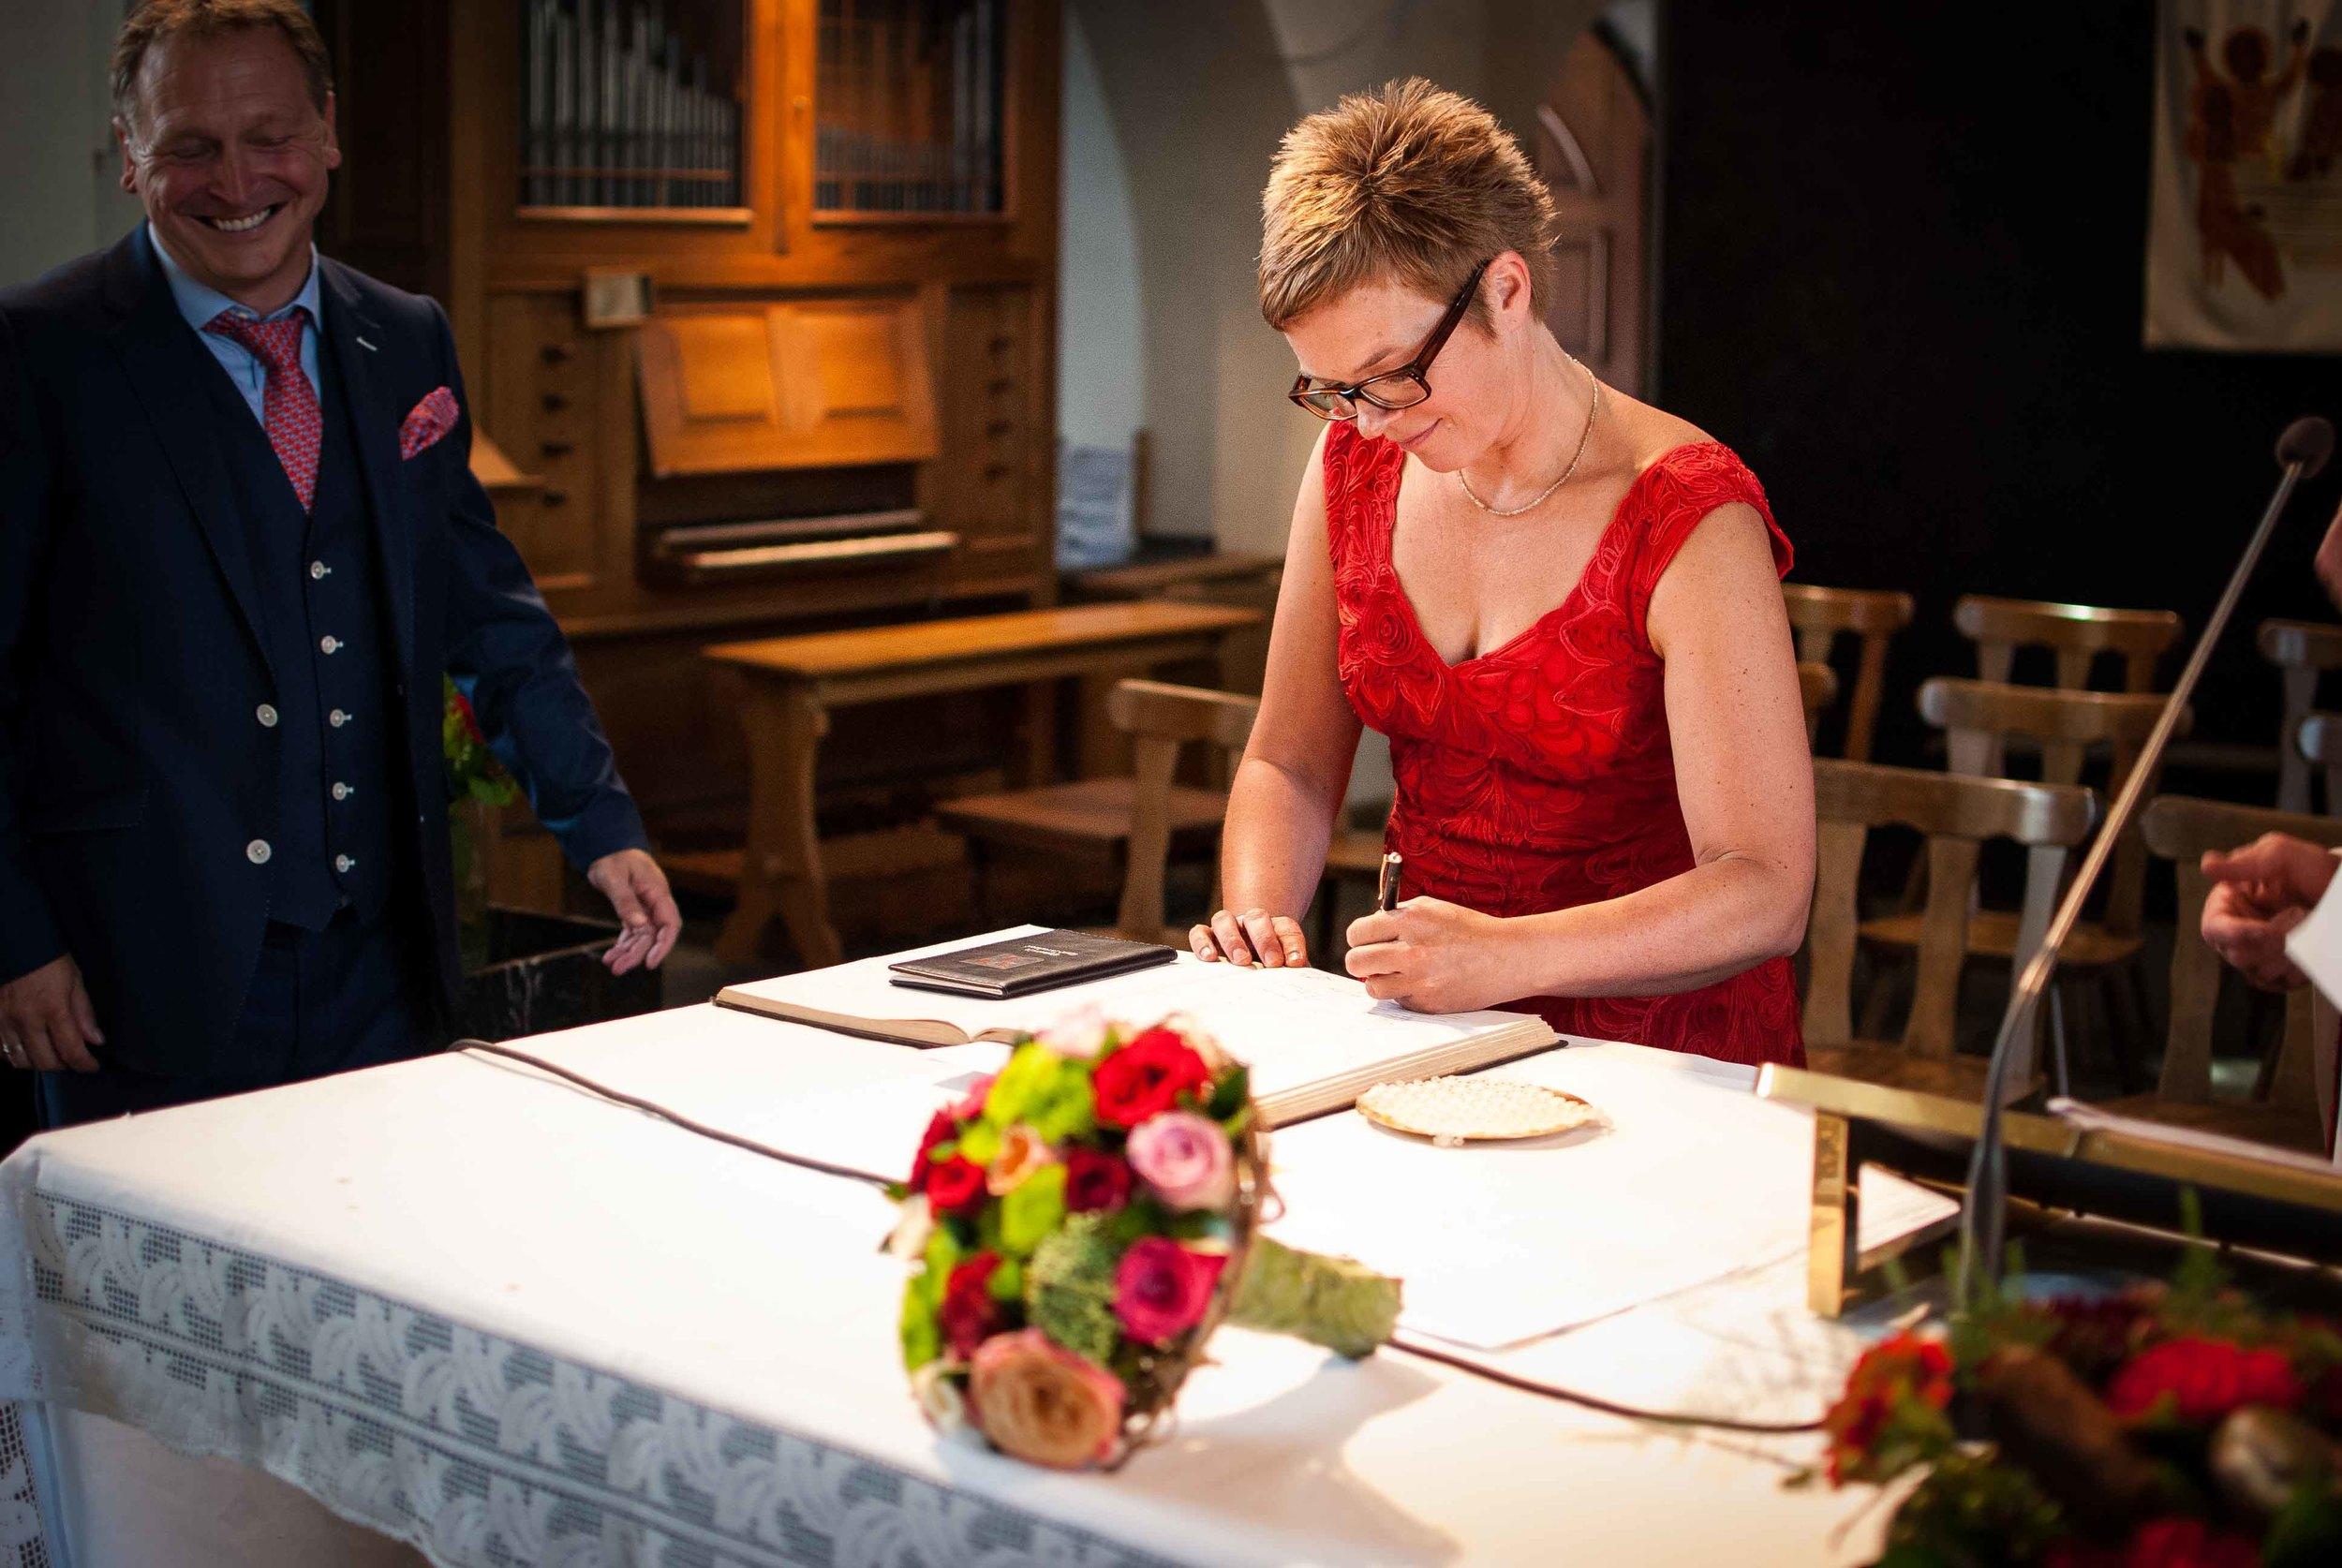 Viewfinder_huwelijksfotografie_huwelijksreportage_7_snelle_tips_kerk_tekenen_huwelijksakte_getuige.jpg